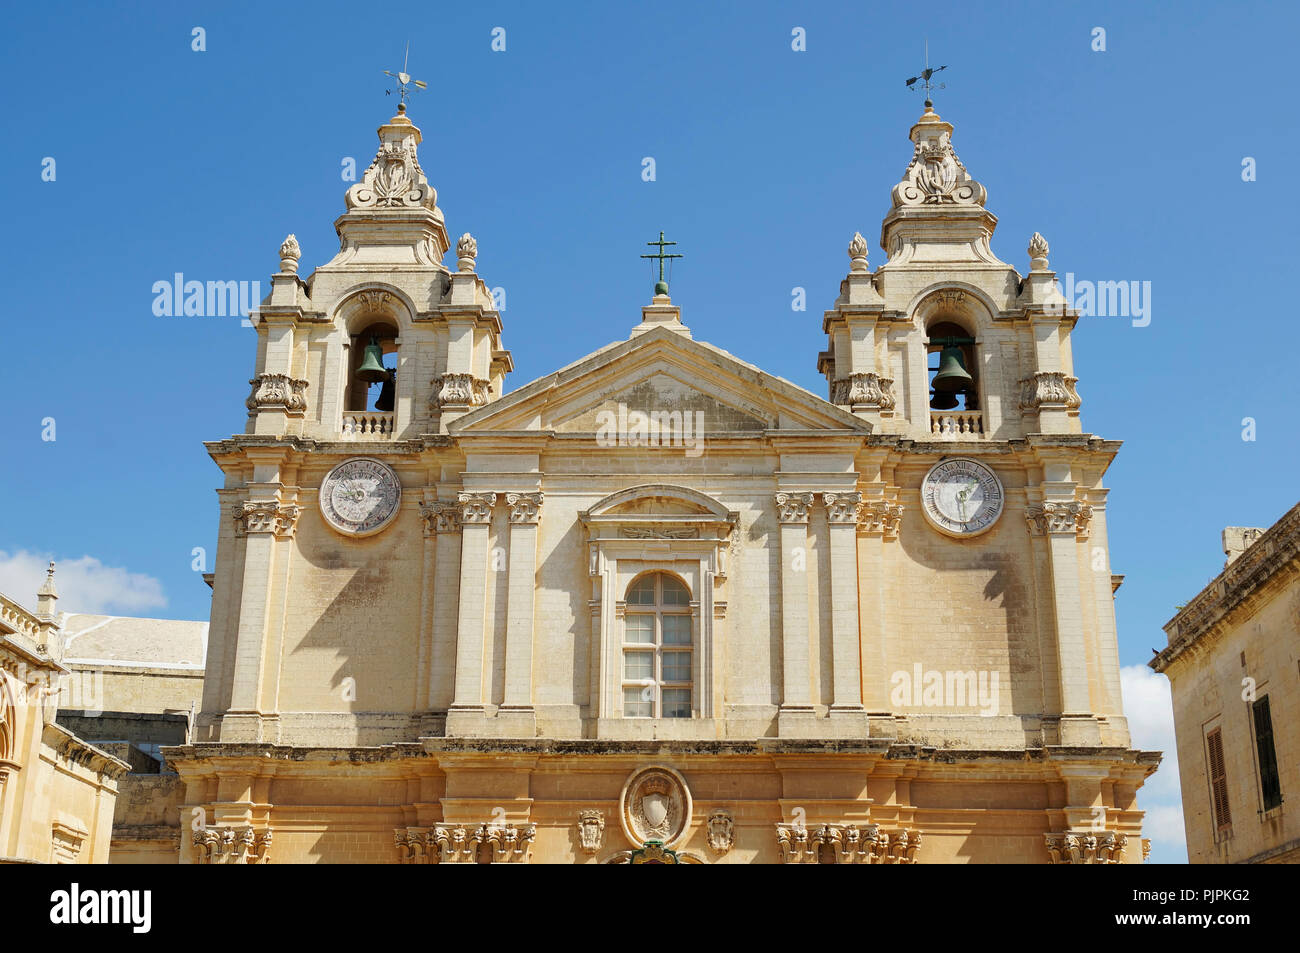 St. Paul's Cathedral in Mdina, Malta Stockbild